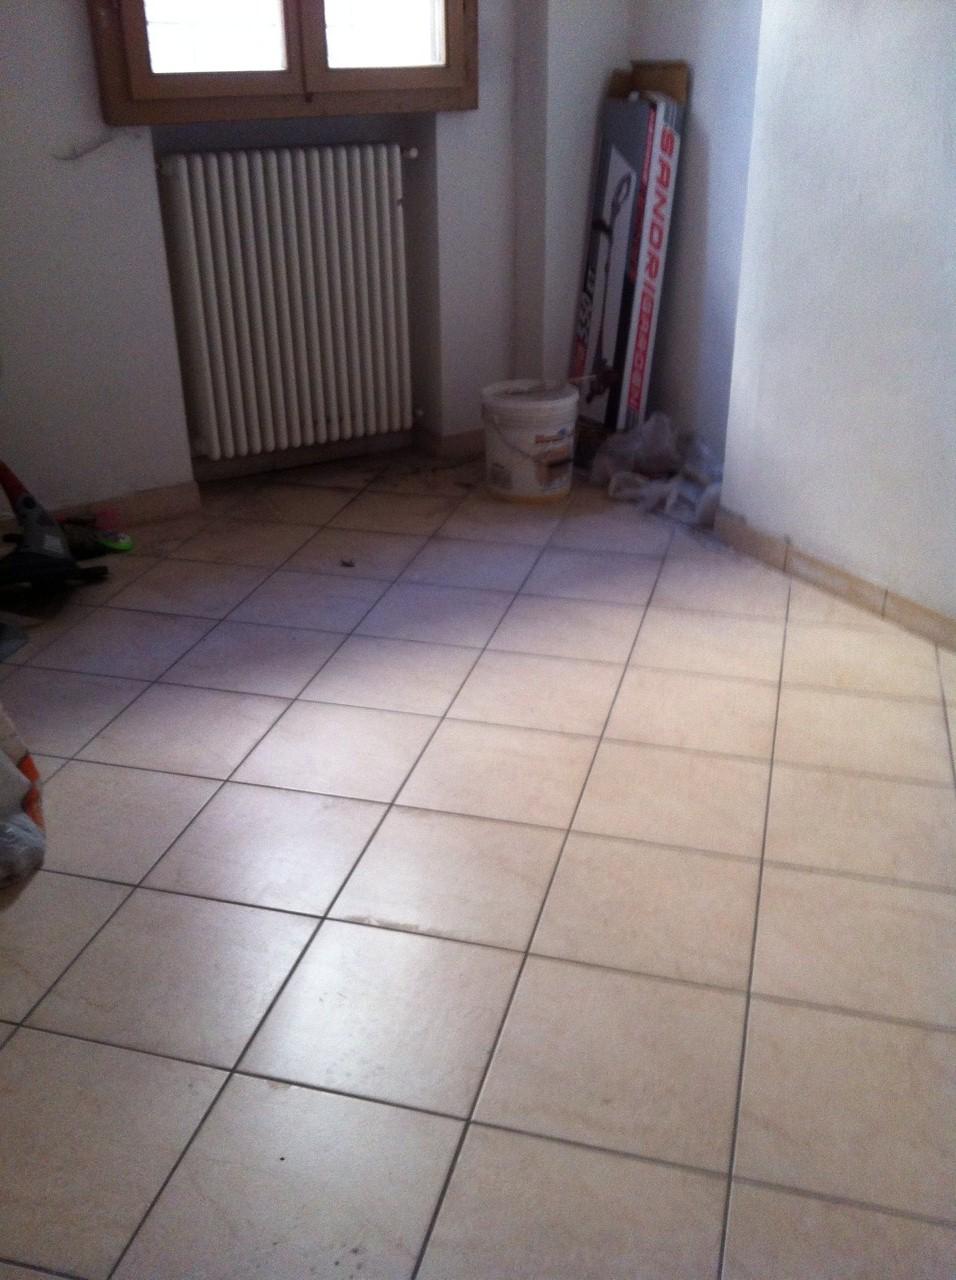 Appartamento in affitto a Faenza, 1 locali, zona Località: CENTRO, prezzo € 450 | Cambio Casa.it